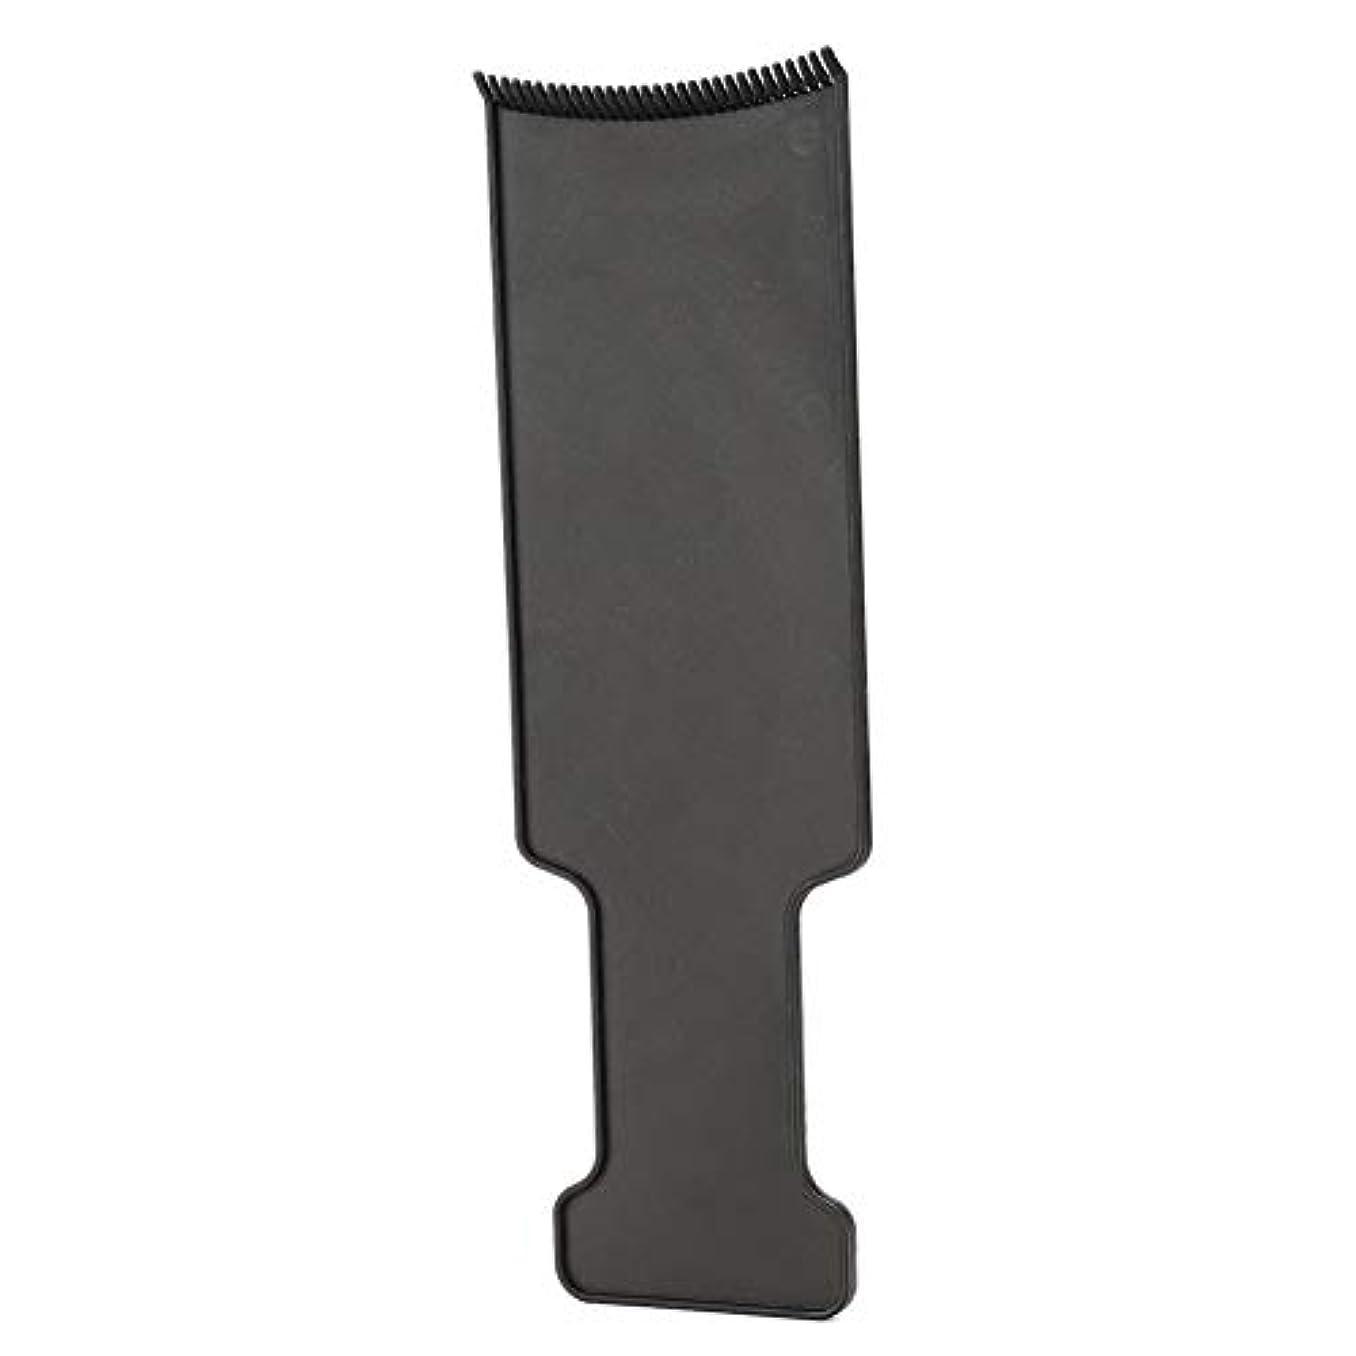 遠洋のクマノミ履歴書ヘアダイカラーブラシ、3サイズヘアダイコームサロン理髪スタイリングツール家庭用およびサロン用途(M)